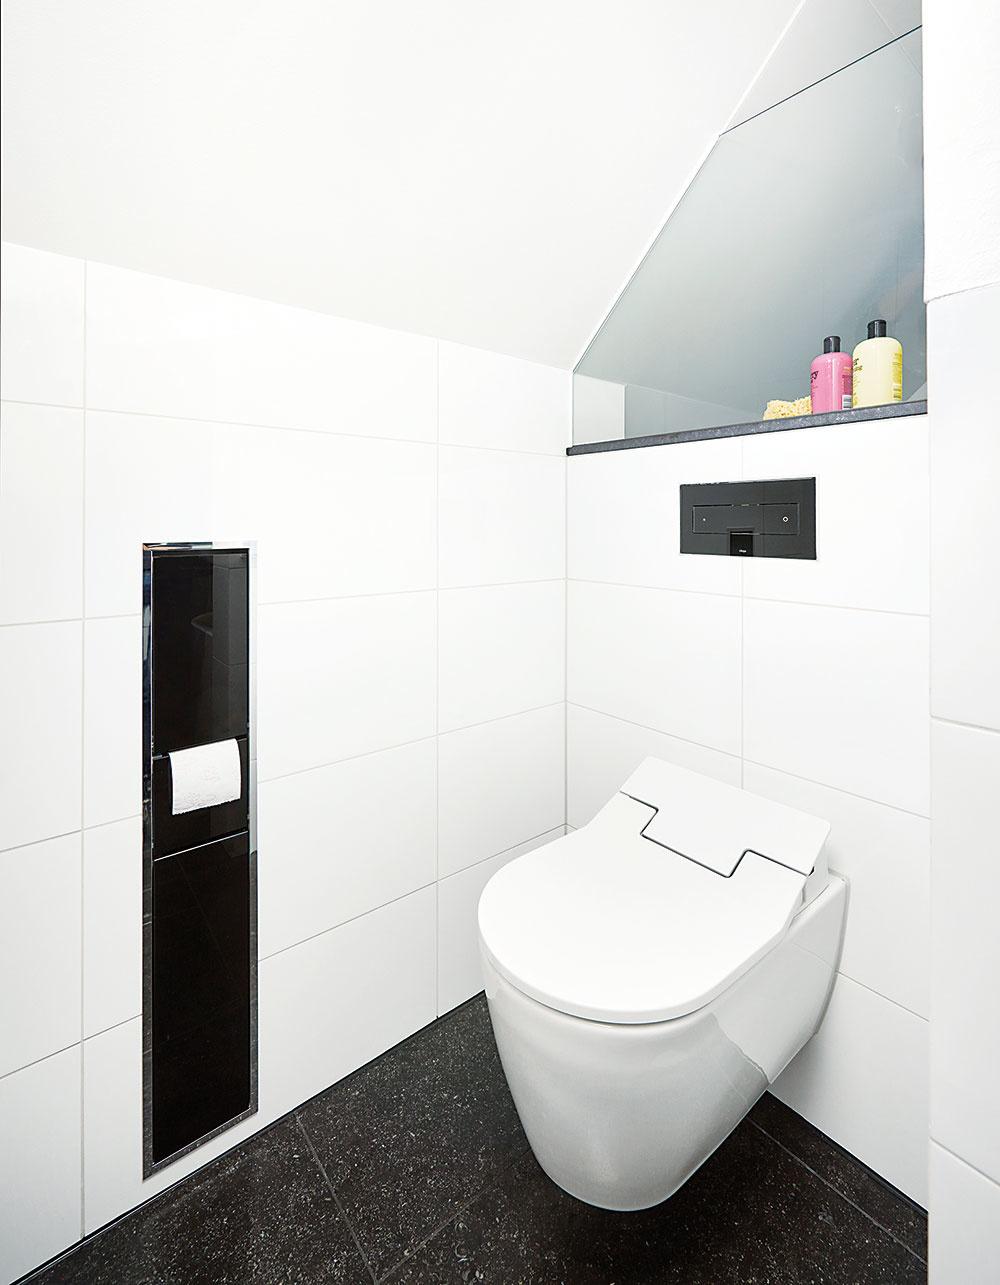 Investor si želal, aby sa aj zariadenie kúpeľne prispôsobilo bielo-čiernej farebnej kombinácii, ktorá je príznačná pre celý interiér rodinného domu. Tá sa objavuje aj v priestore toalety, kde sa nachádza čierne splachovacie WC tlačidlo vsadené do bieleho obkladu.